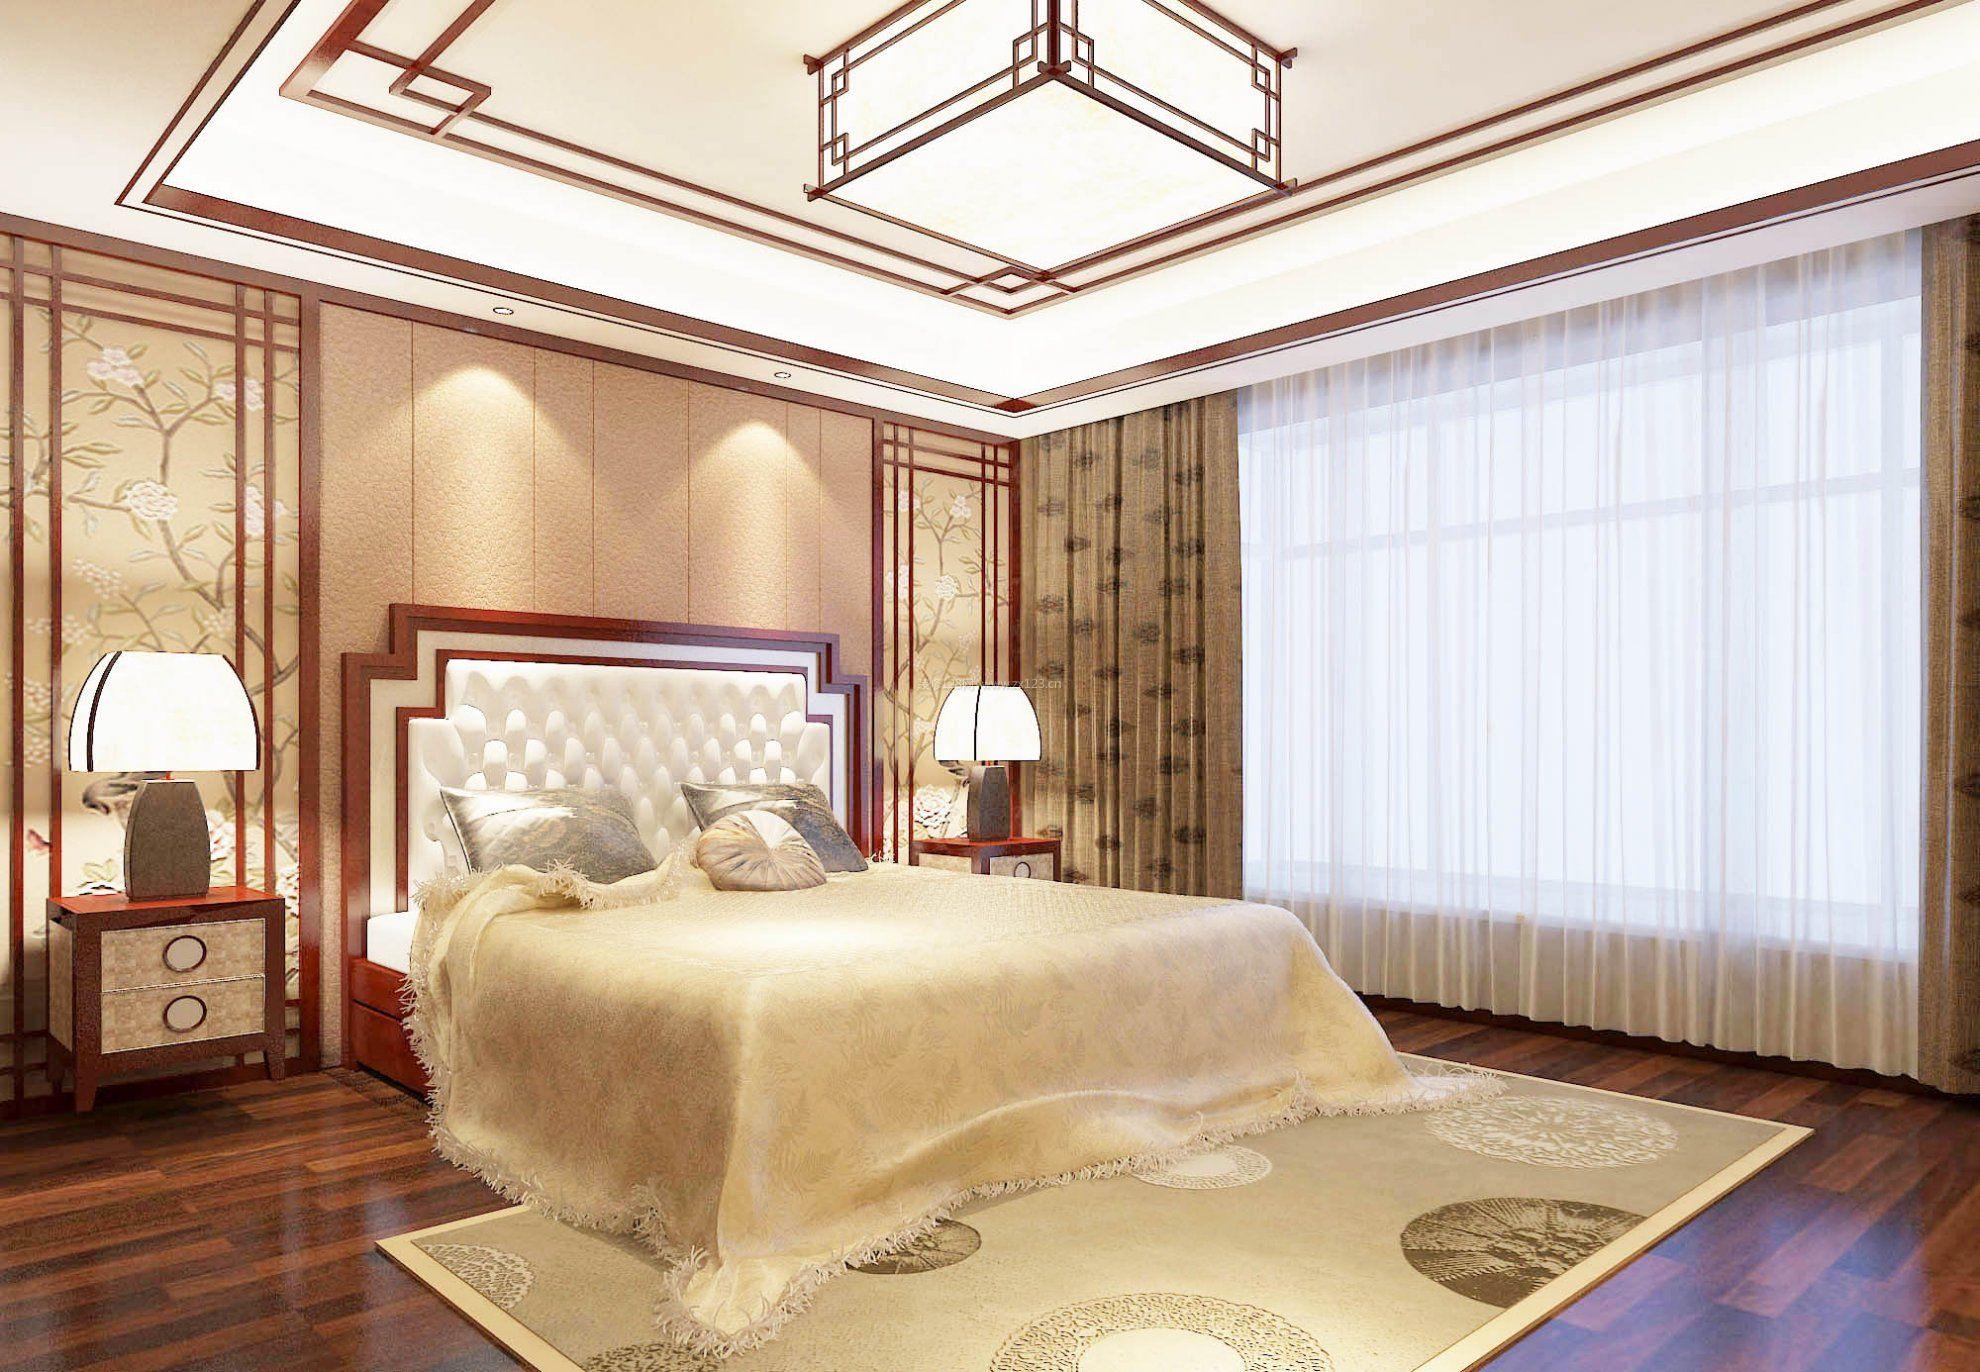 2017新中式卧室风格墙纸图片大全